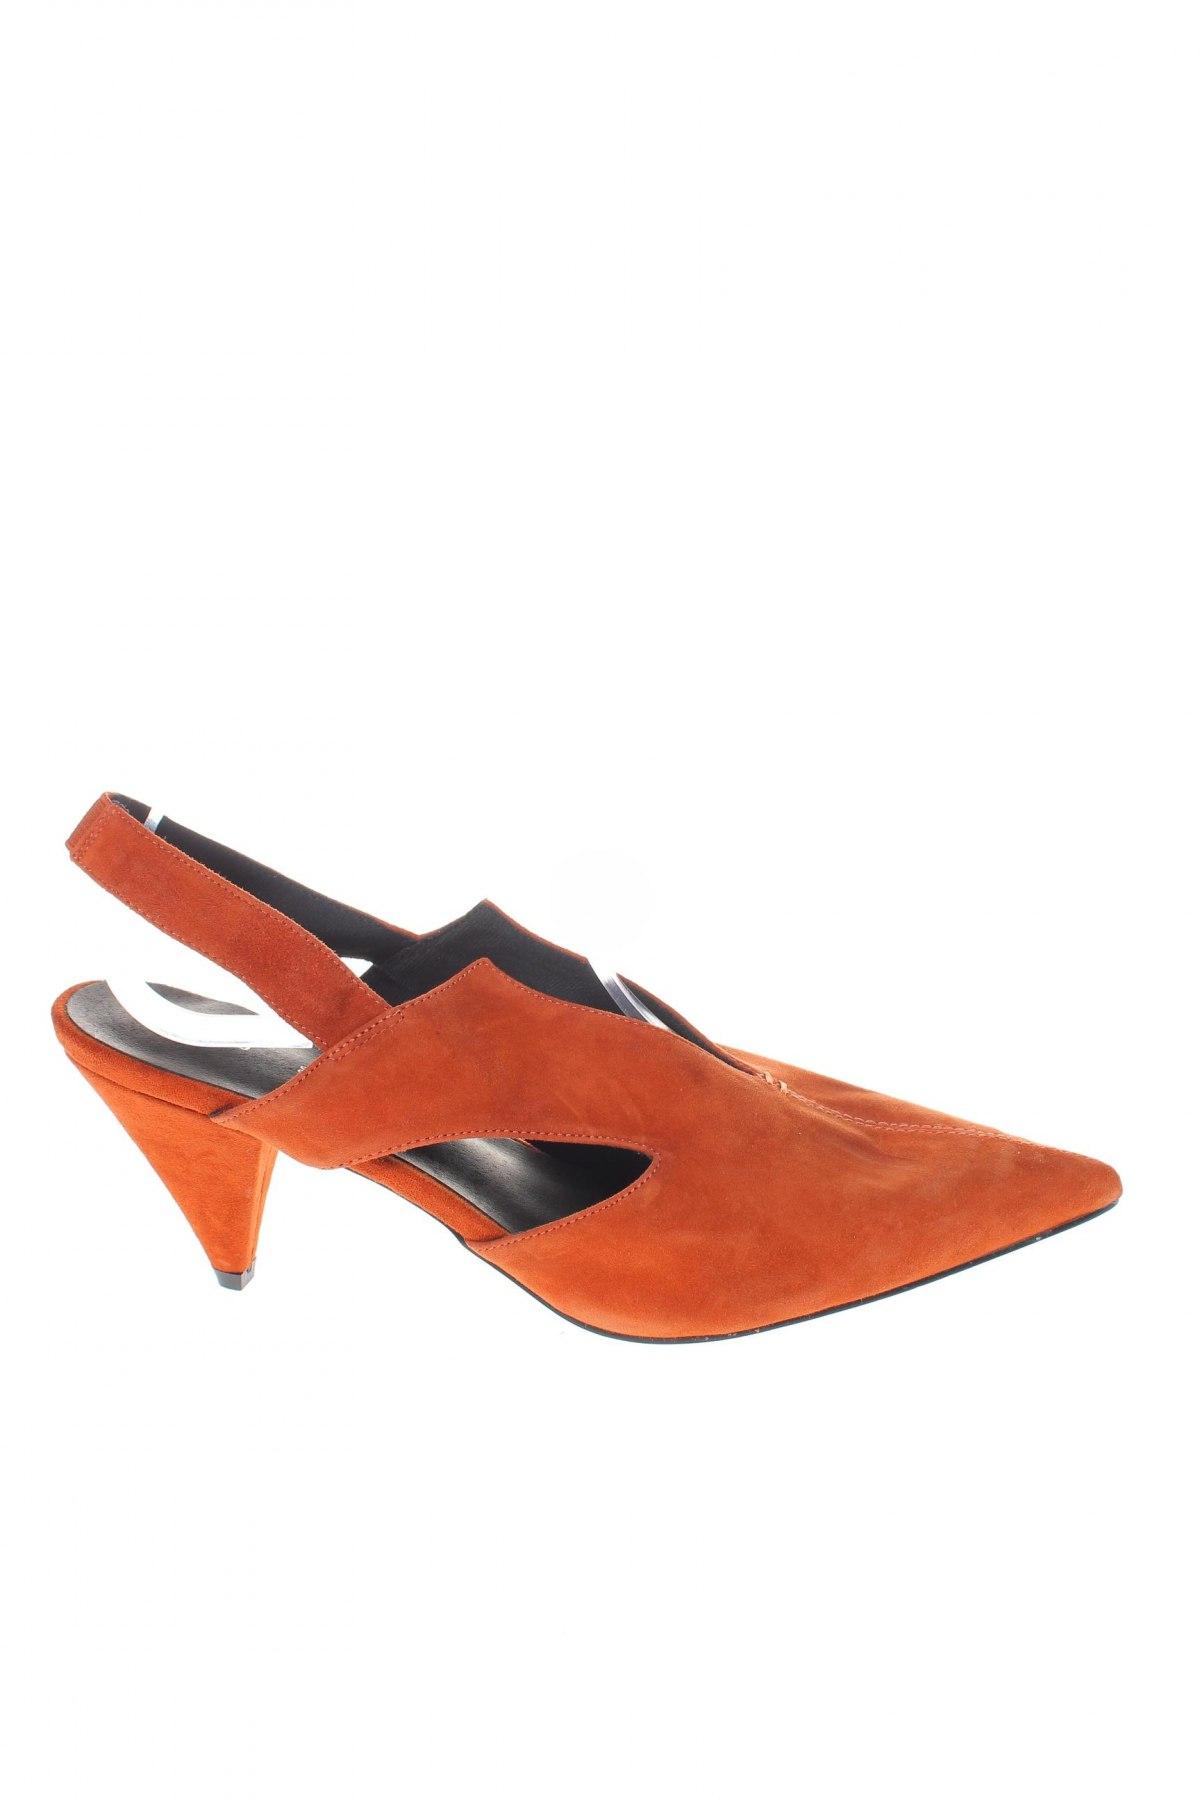 Γυναικεία παπούτσια Reserved, Μέγεθος 39, Χρώμα Πορτοκαλί, Φυσικό σουέτ, Τιμή 16,84€